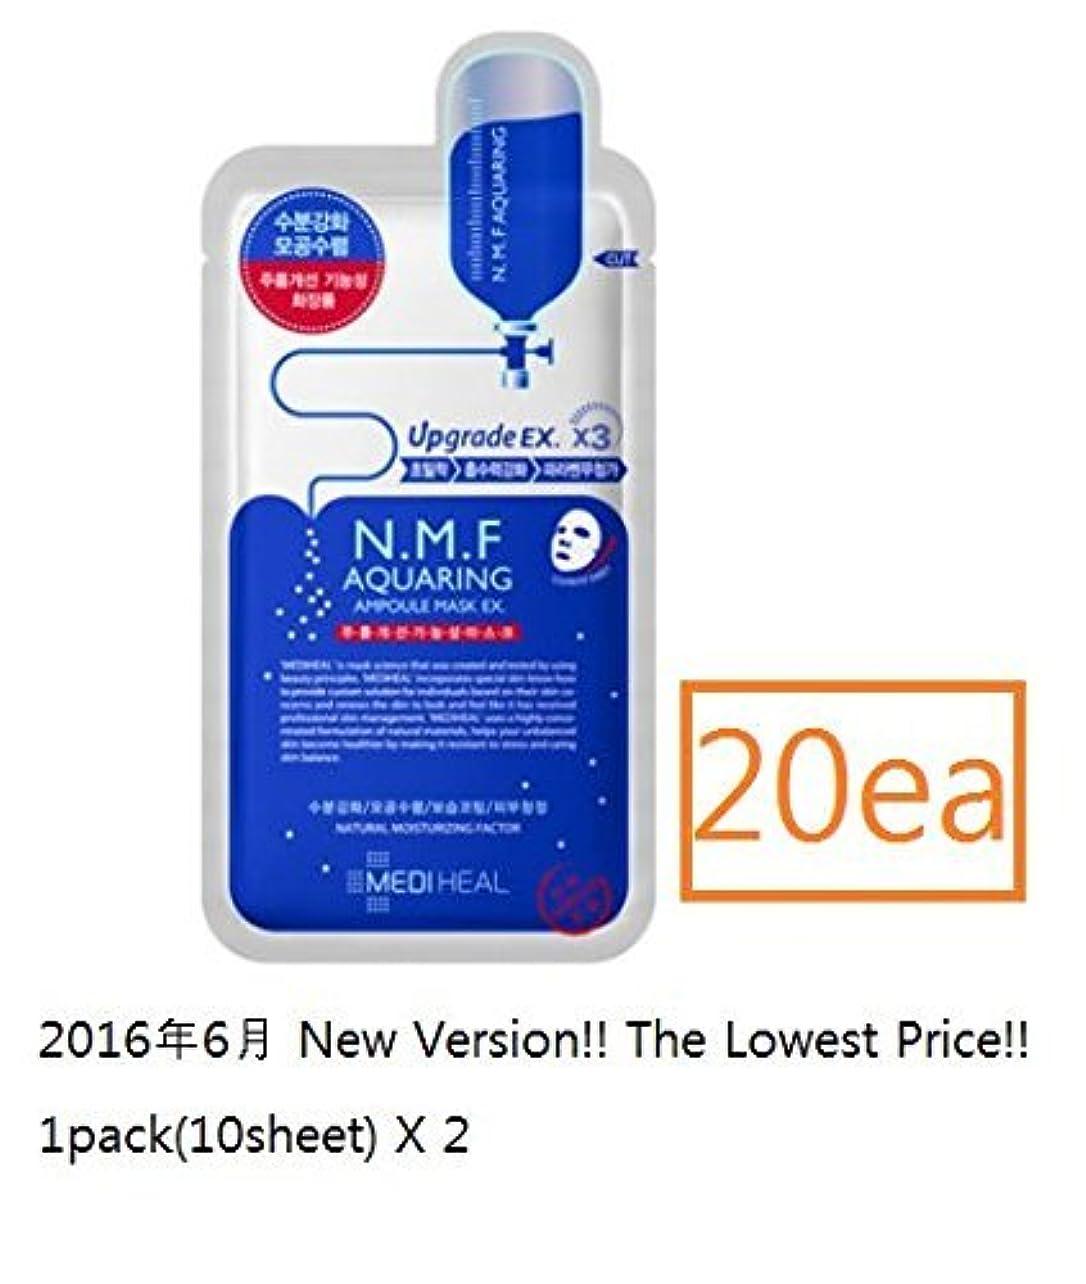 商品強度遺体安置所Mediheal メディヒール N.M.F アクアリング アンプル?マスクパック 10枚入り*2 (Aquaring Ampoule Essential Mask Pack 1box(10sheet)*2 [並行輸入品]